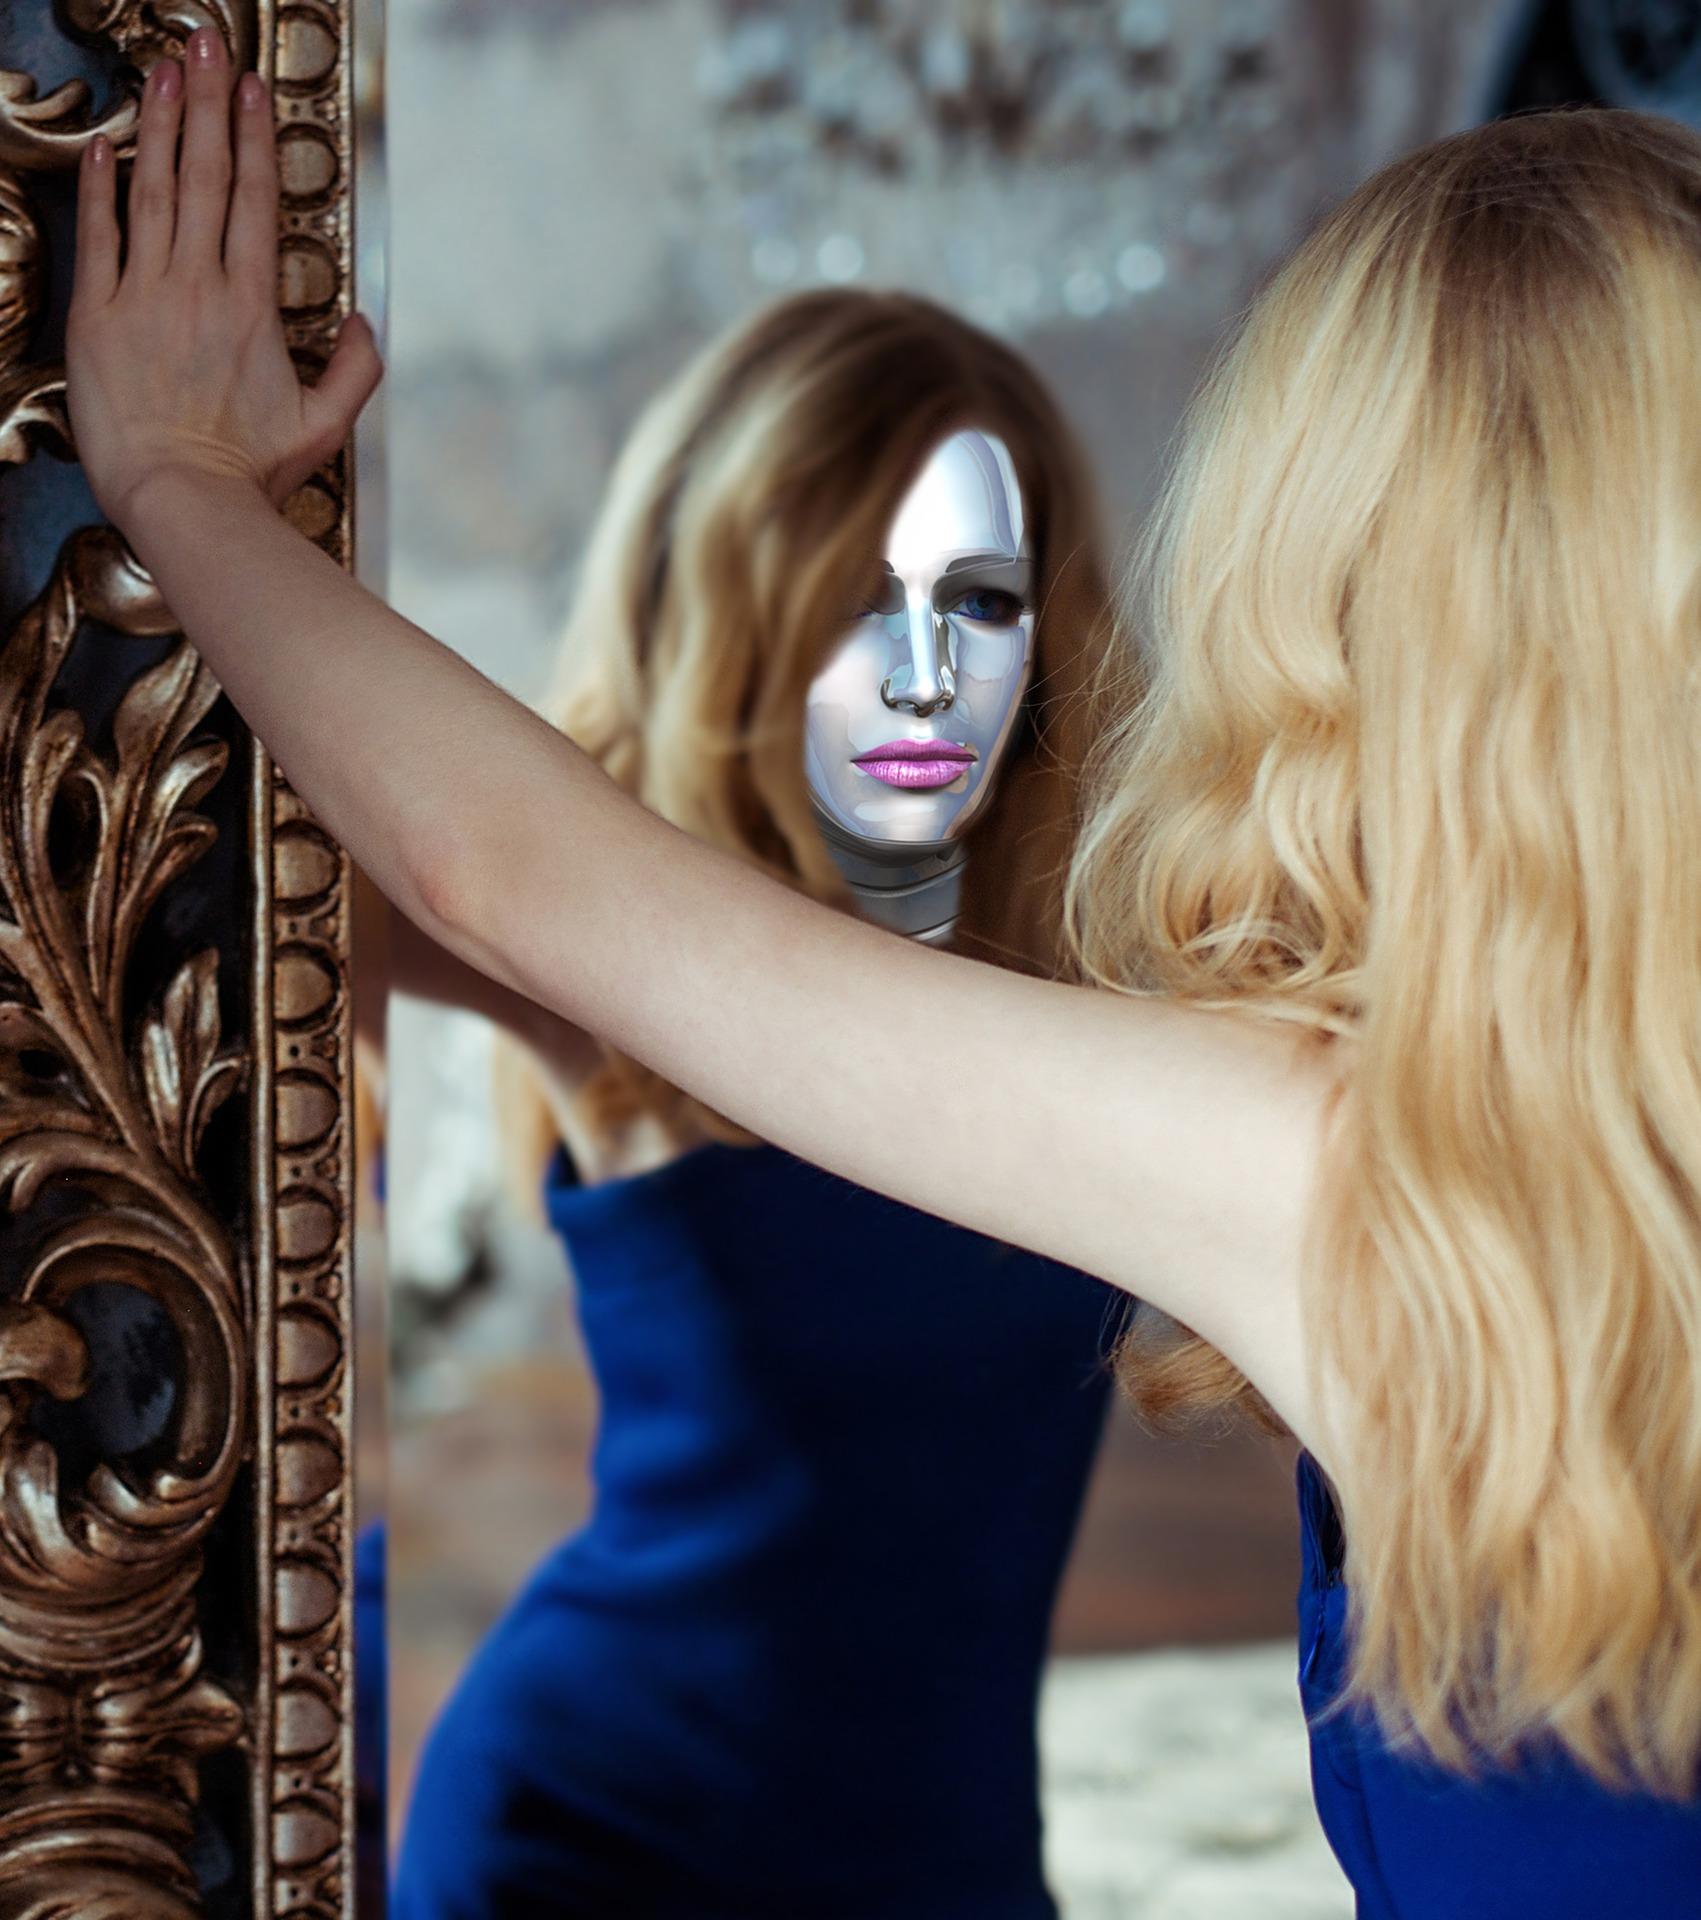 Зеркало твоего мира